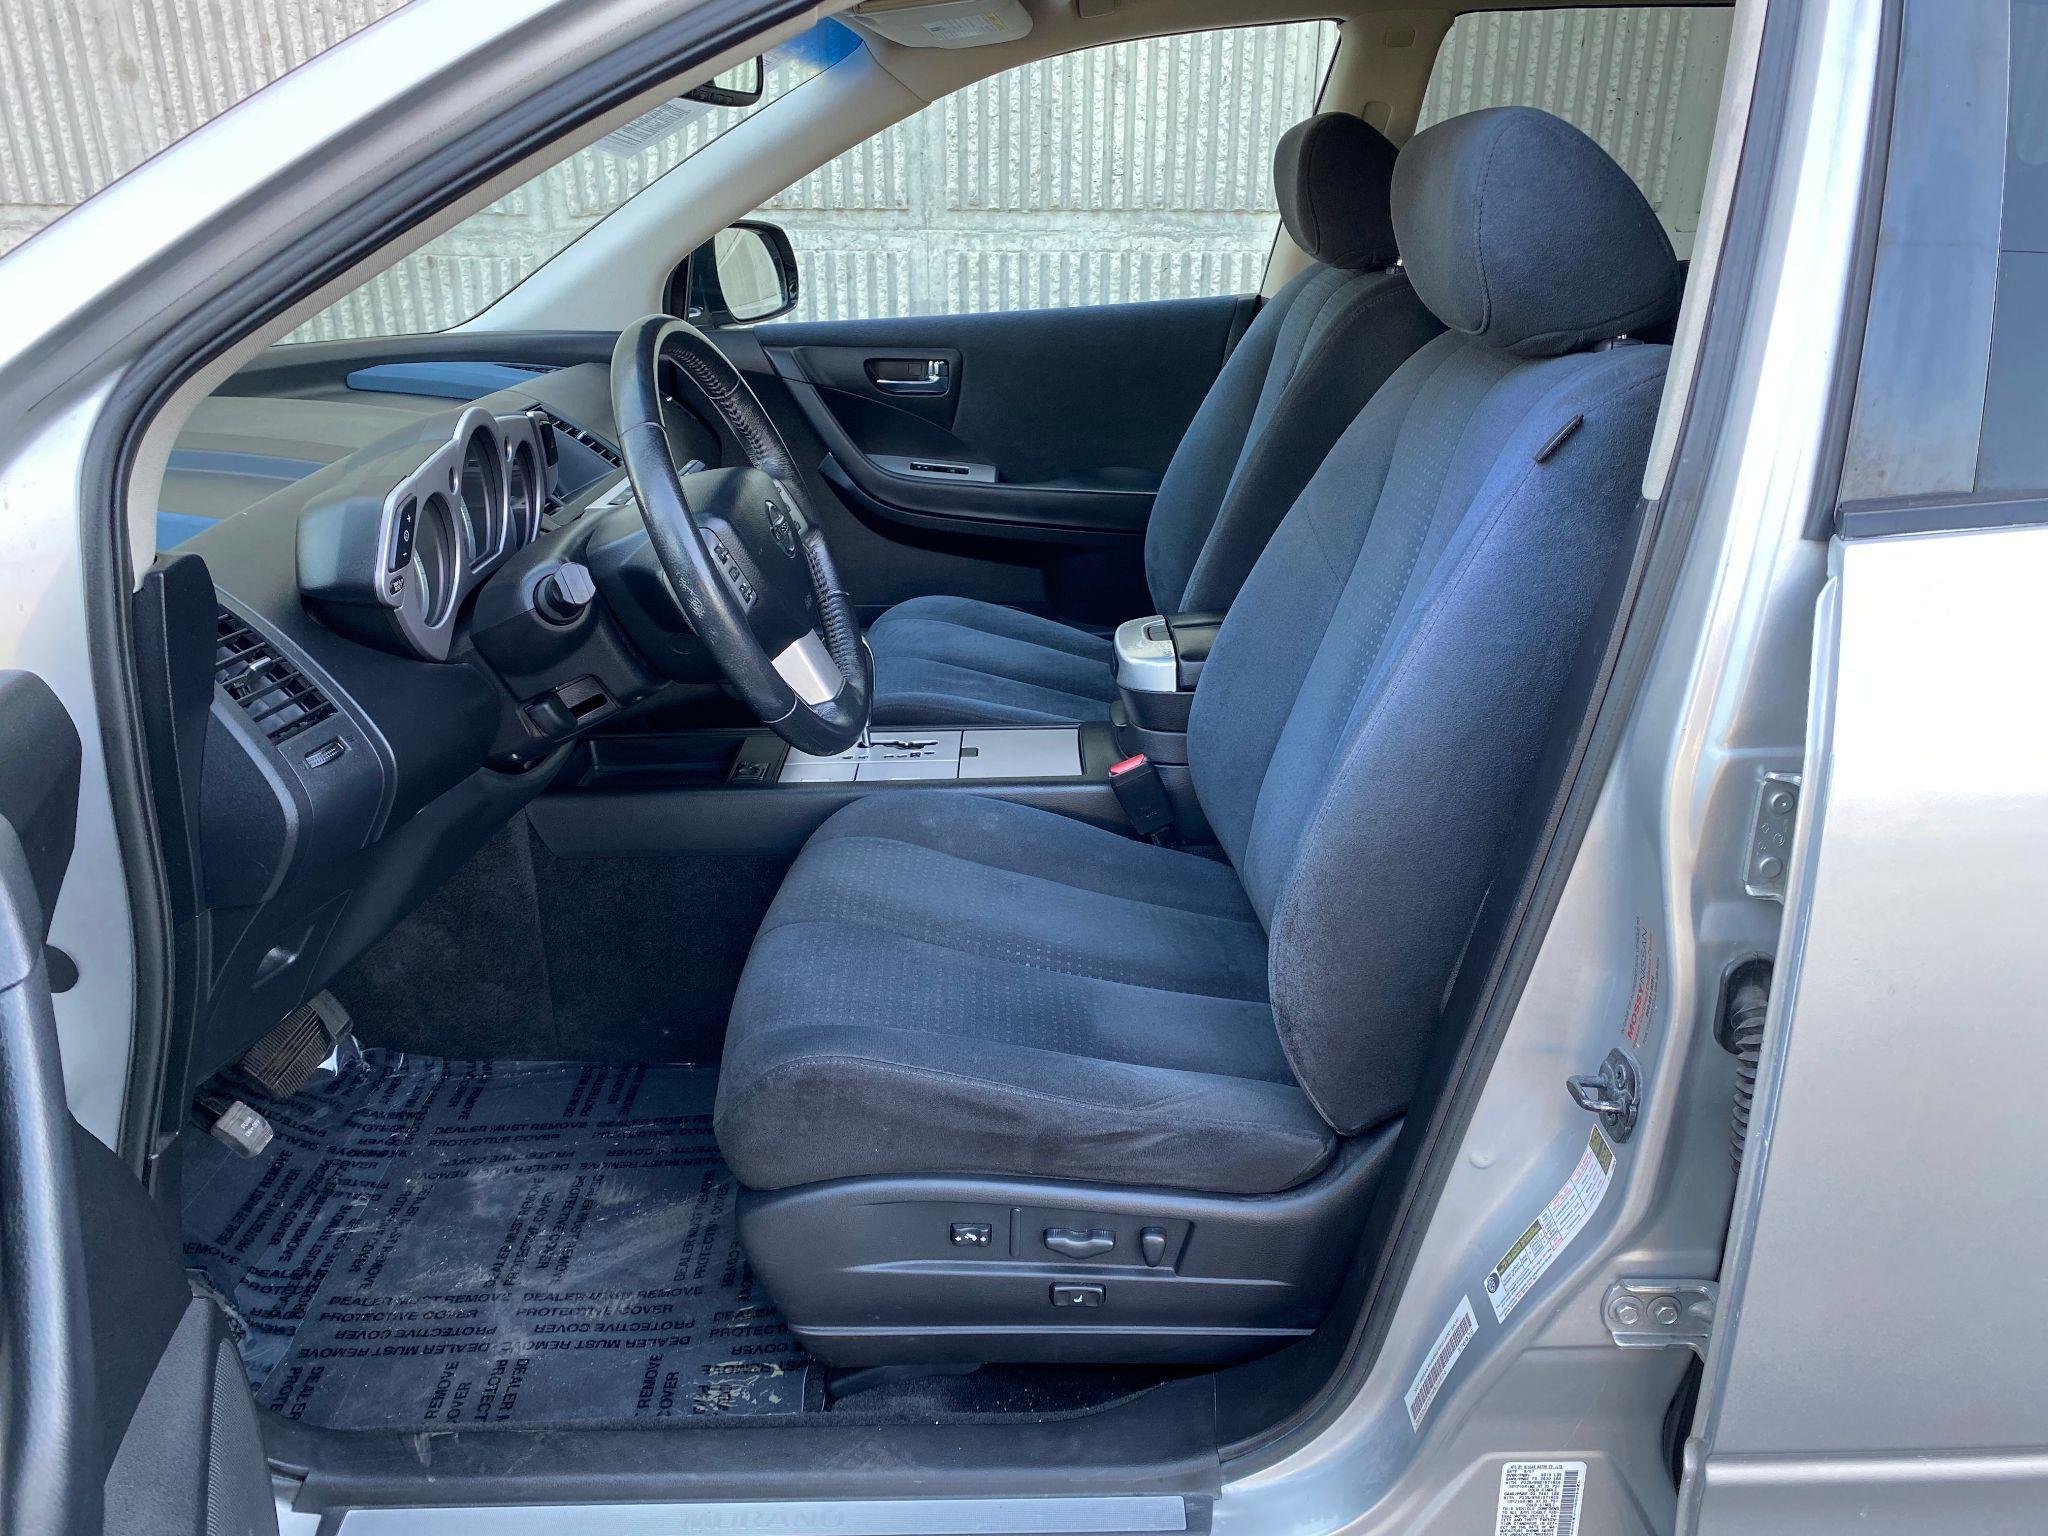 2007 Nissan Murano S